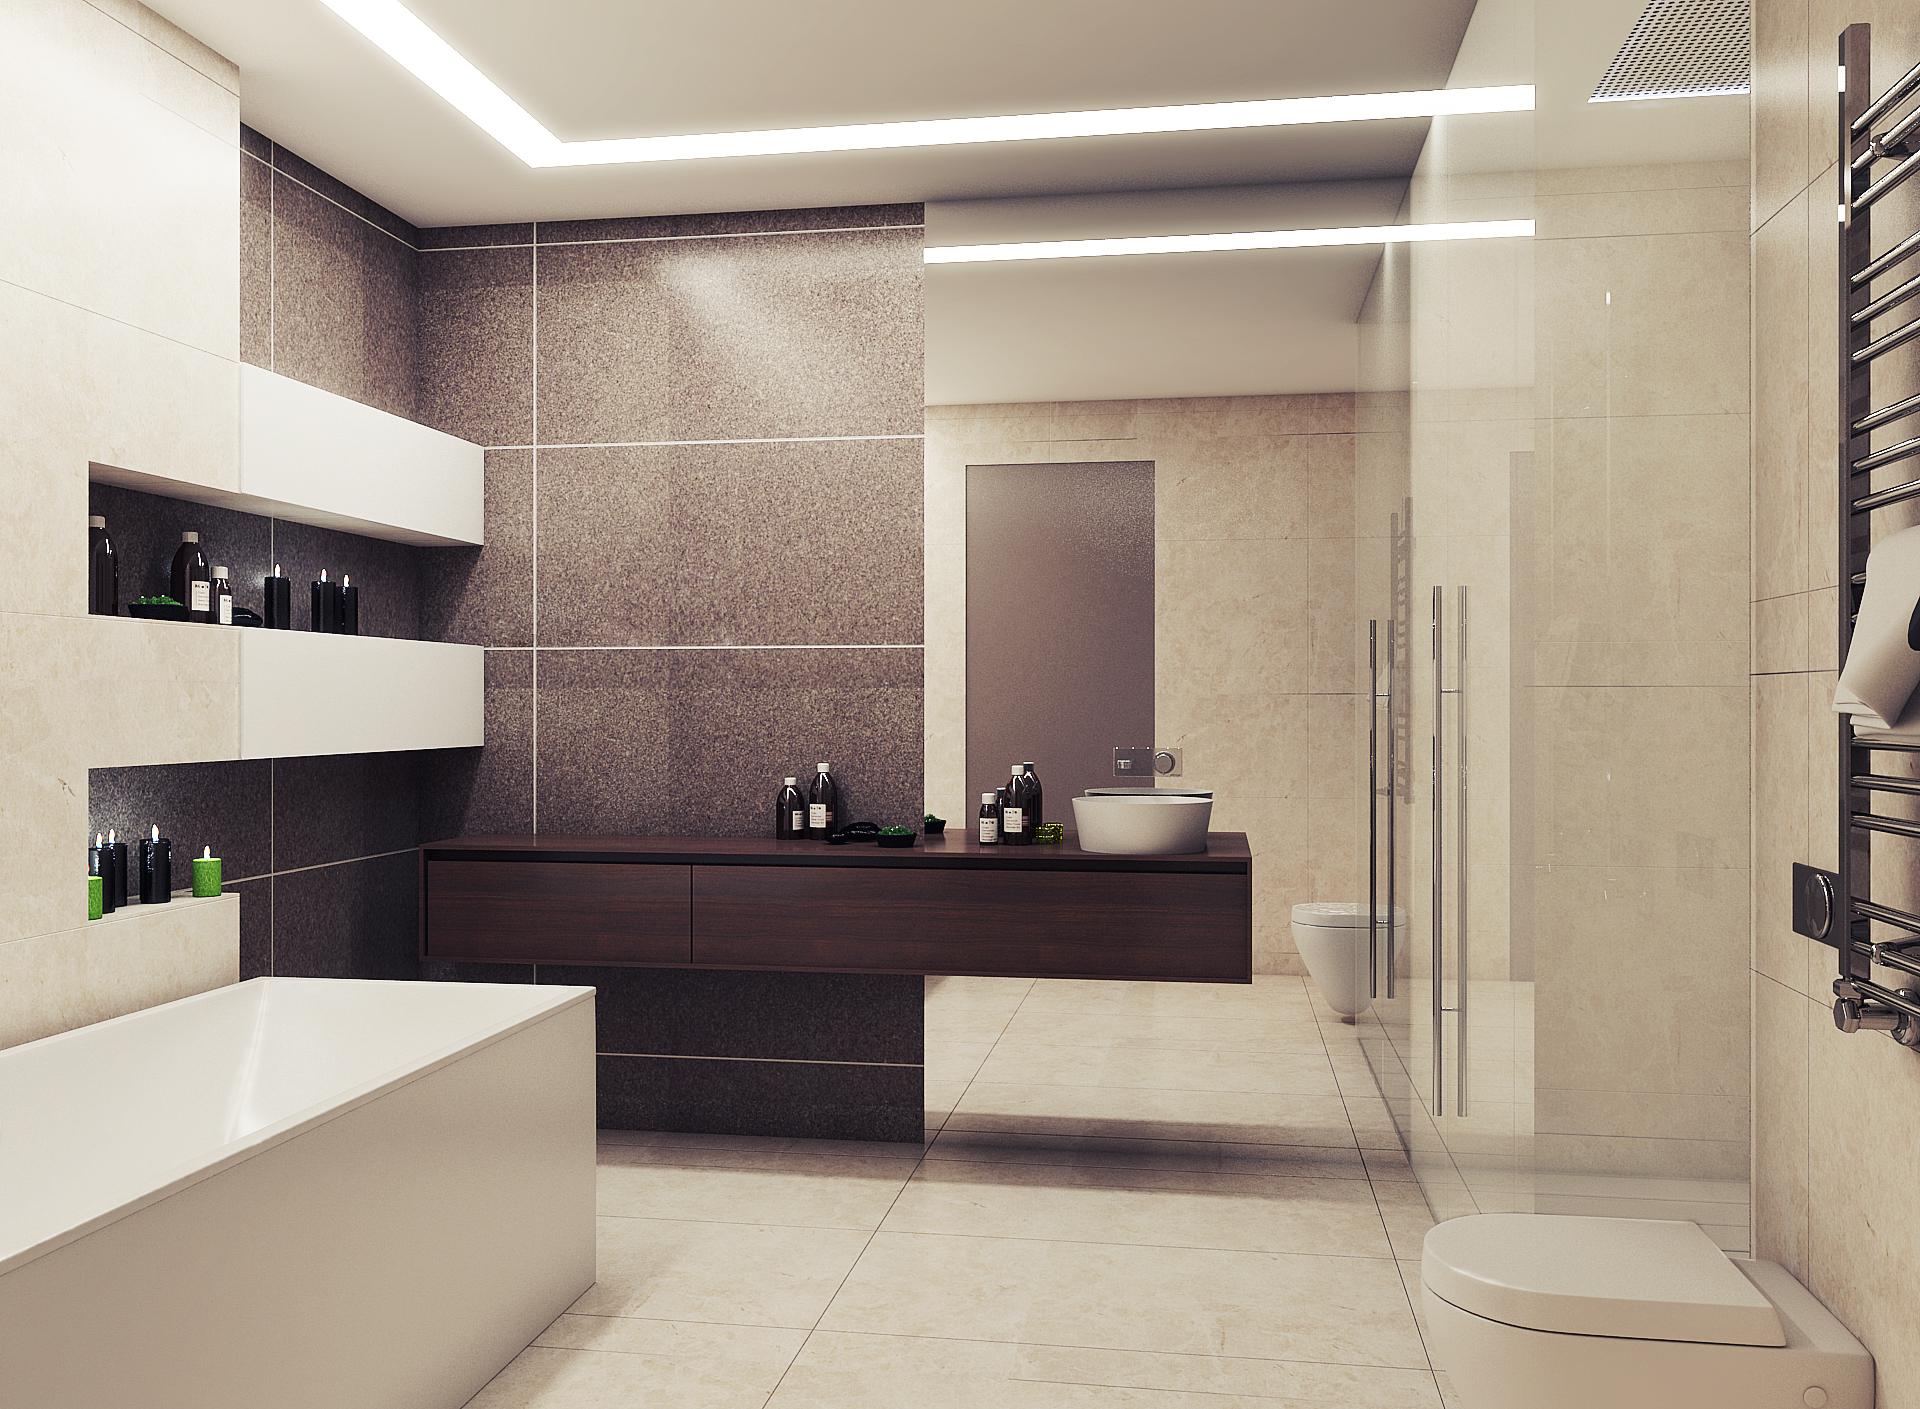 07_Наб Туполева_главная ванная.jpg